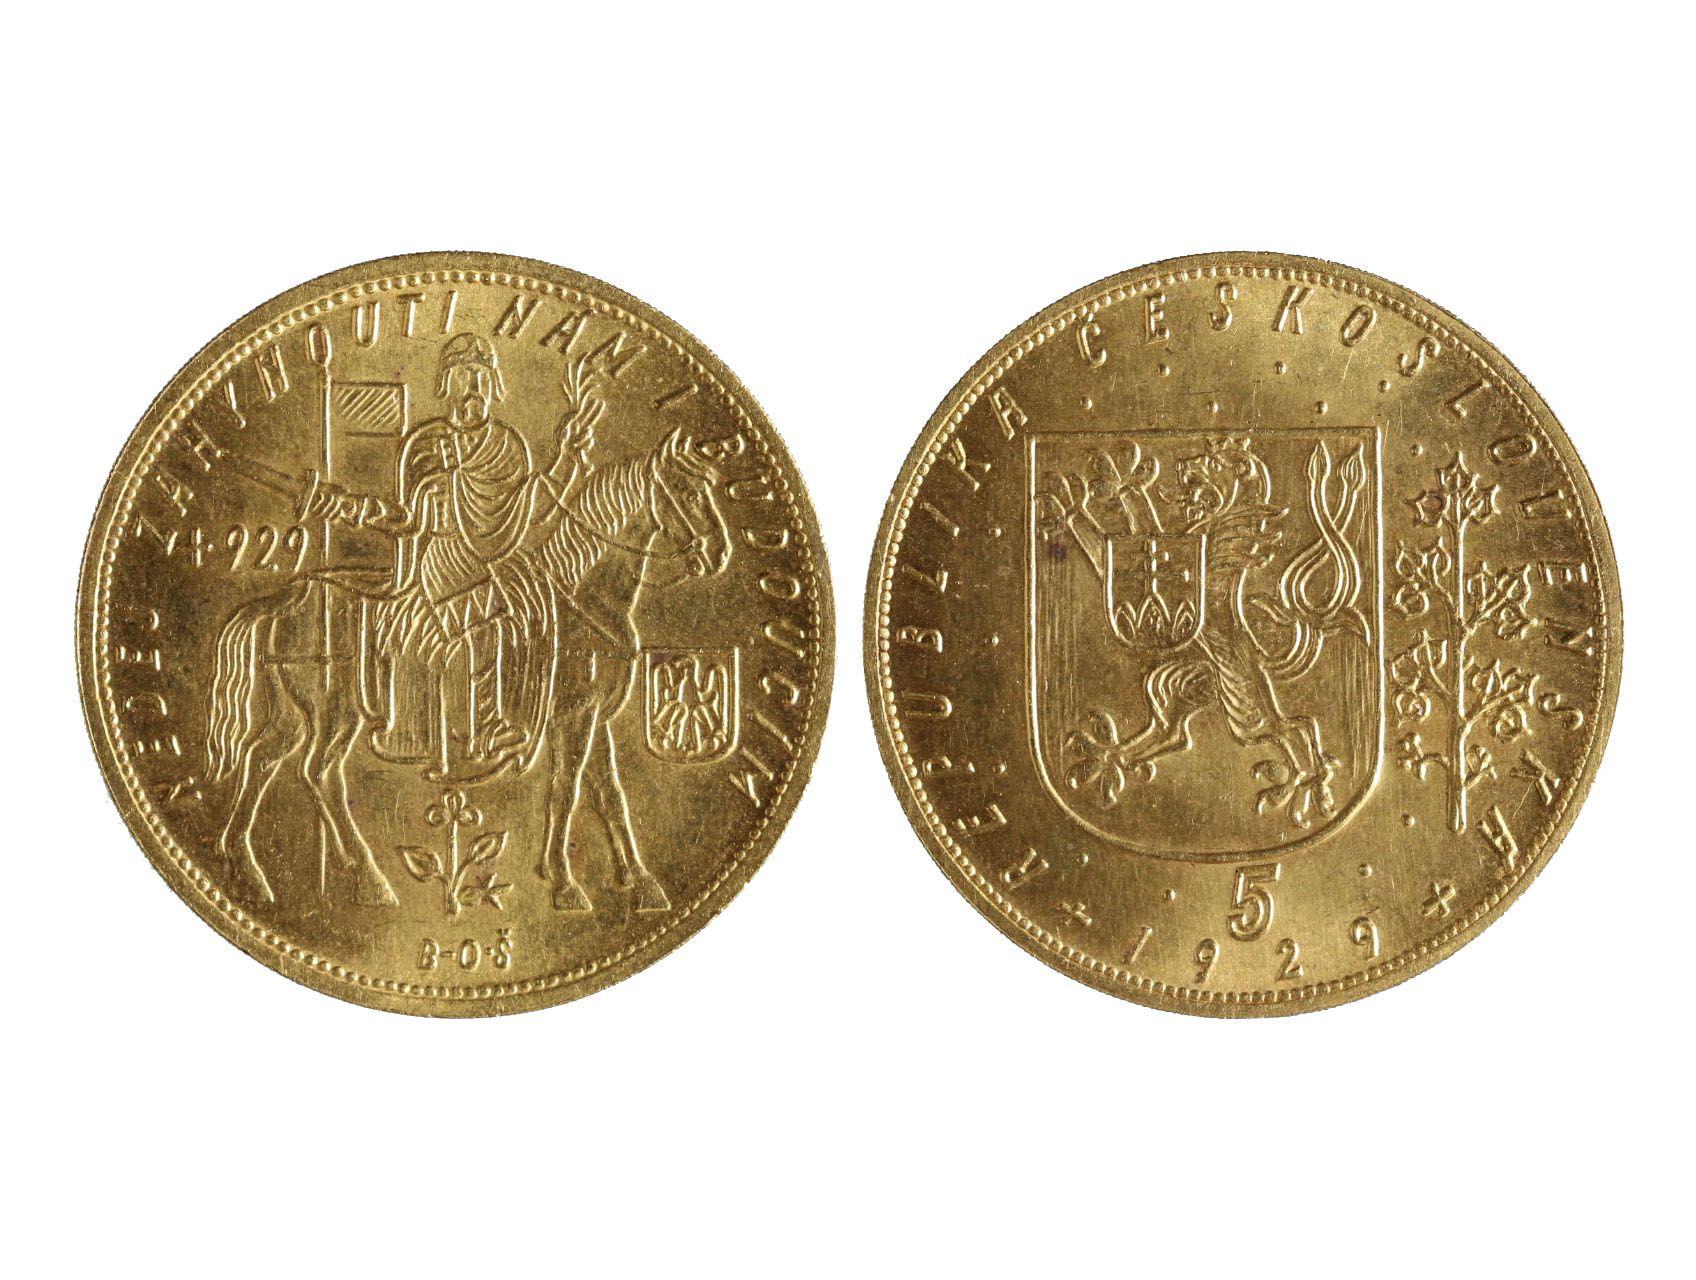 Československo 1918-1939 - 5 Dukát 1929, 17.455 g, 986/1000, raženo 1827 ks, N18